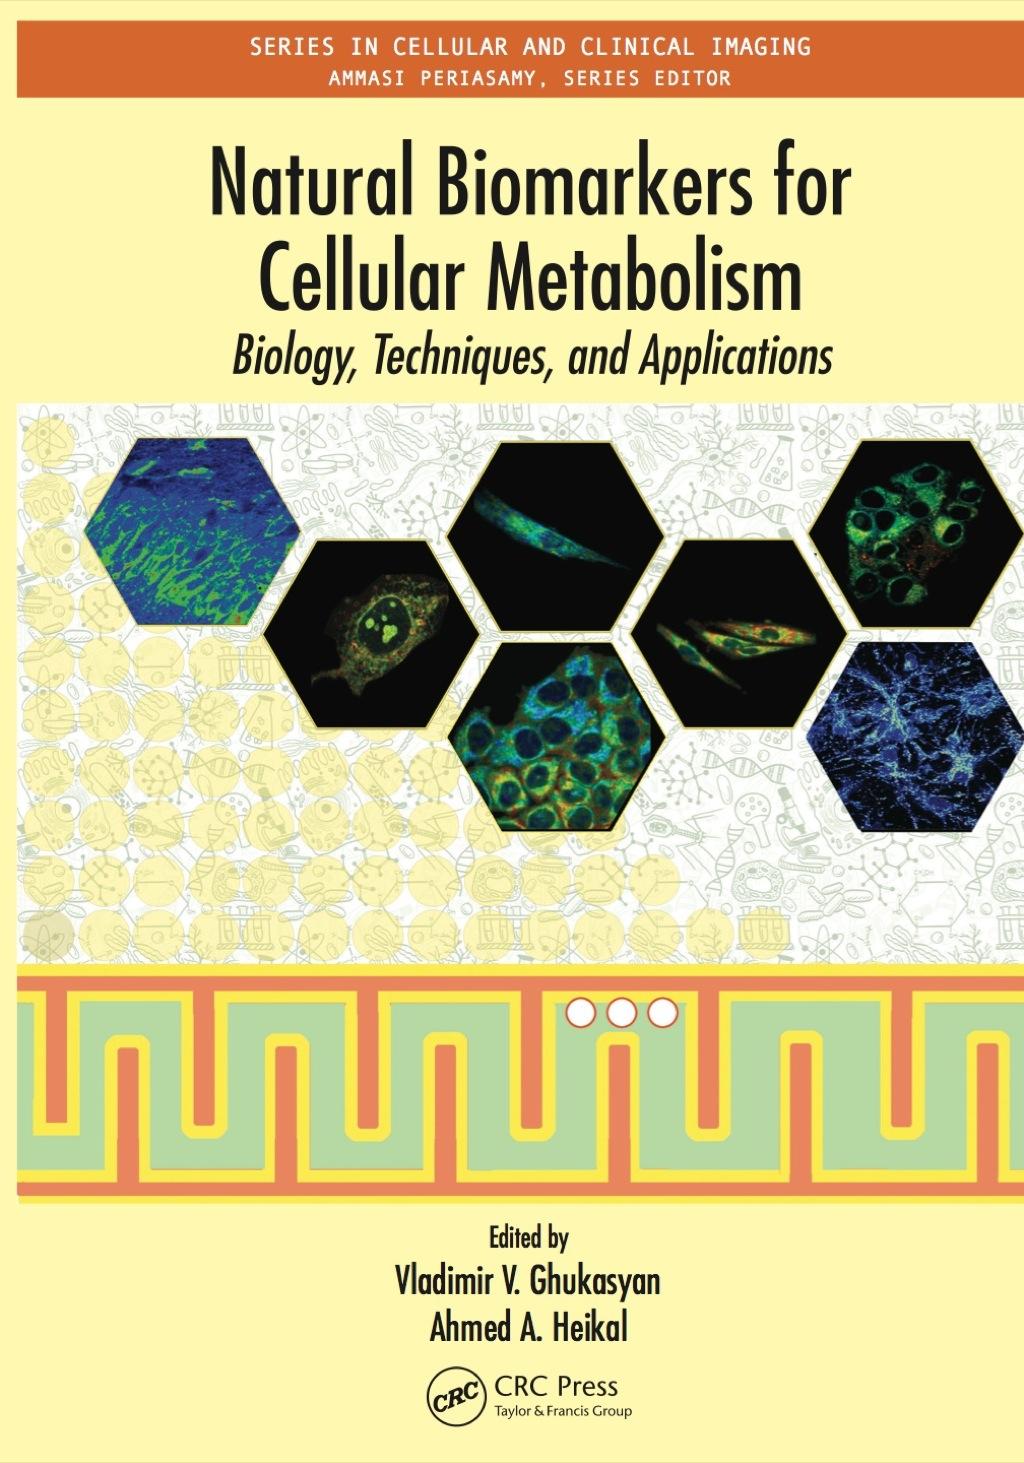 Natural Biomarkers for Cellular Metabolism (eBook Rental)